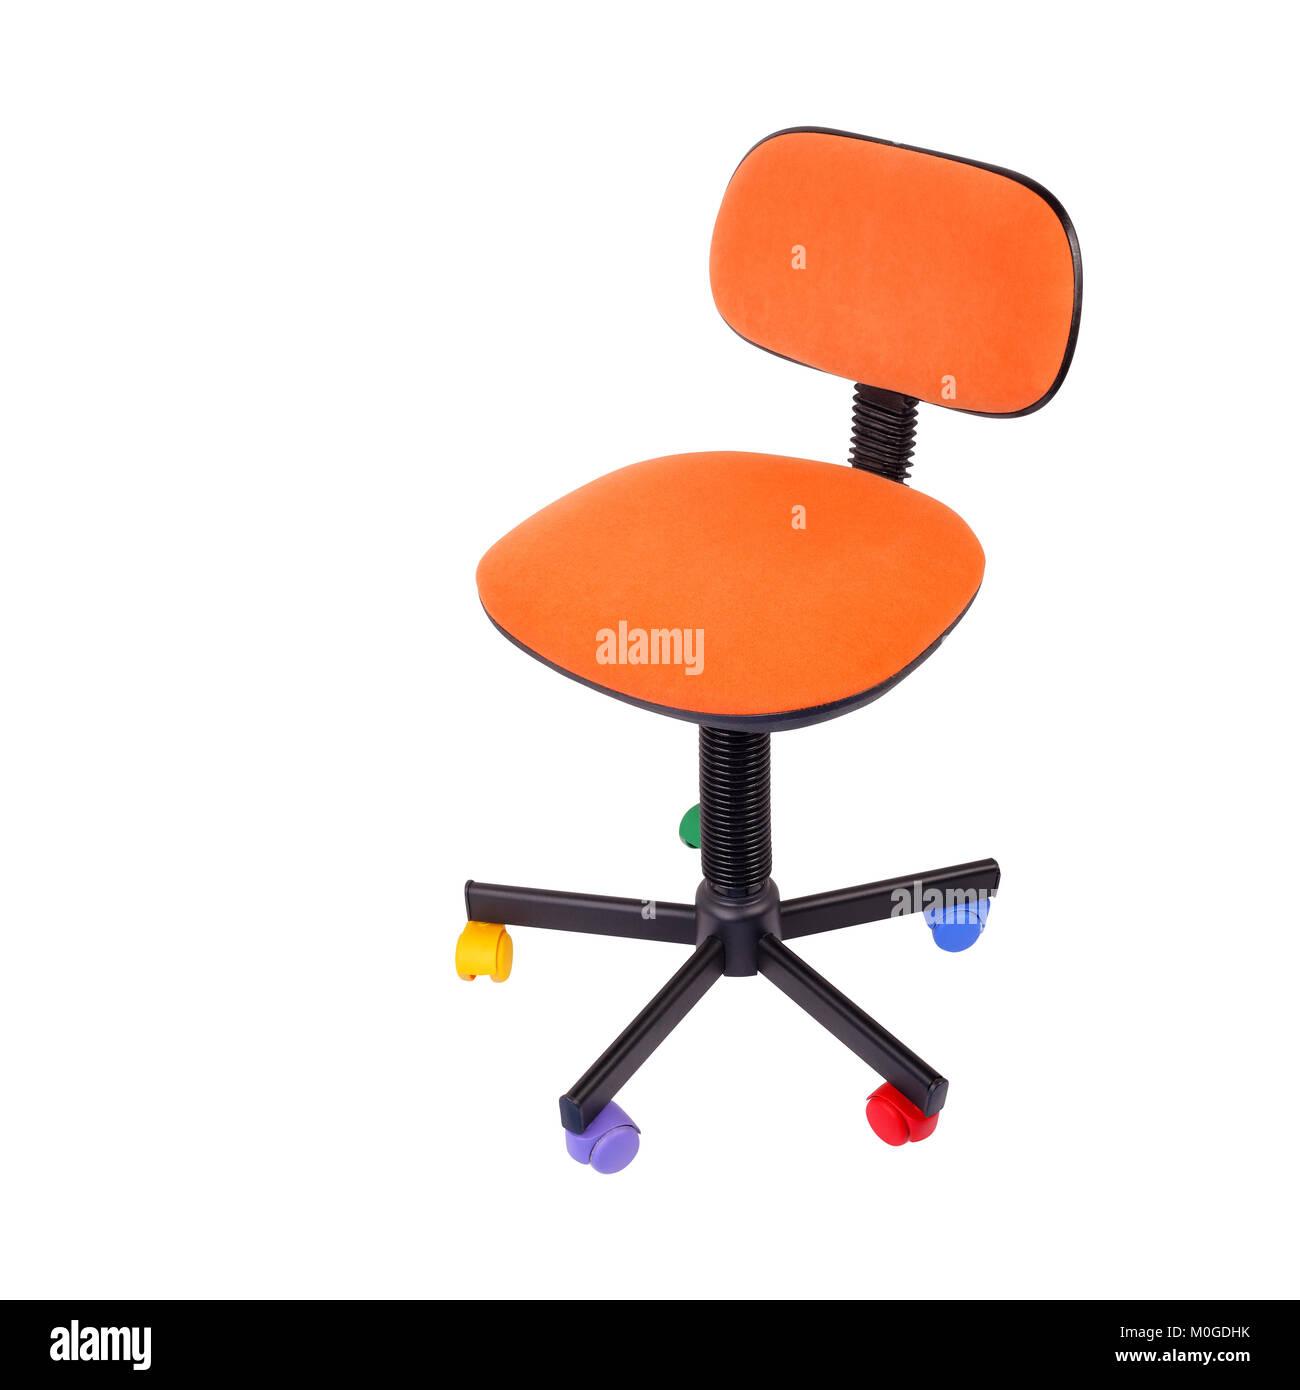 Sedie Da Ufficio Arancione.Mobili Per Ufficio Arancione Bambino Ufficio Sedia Computer